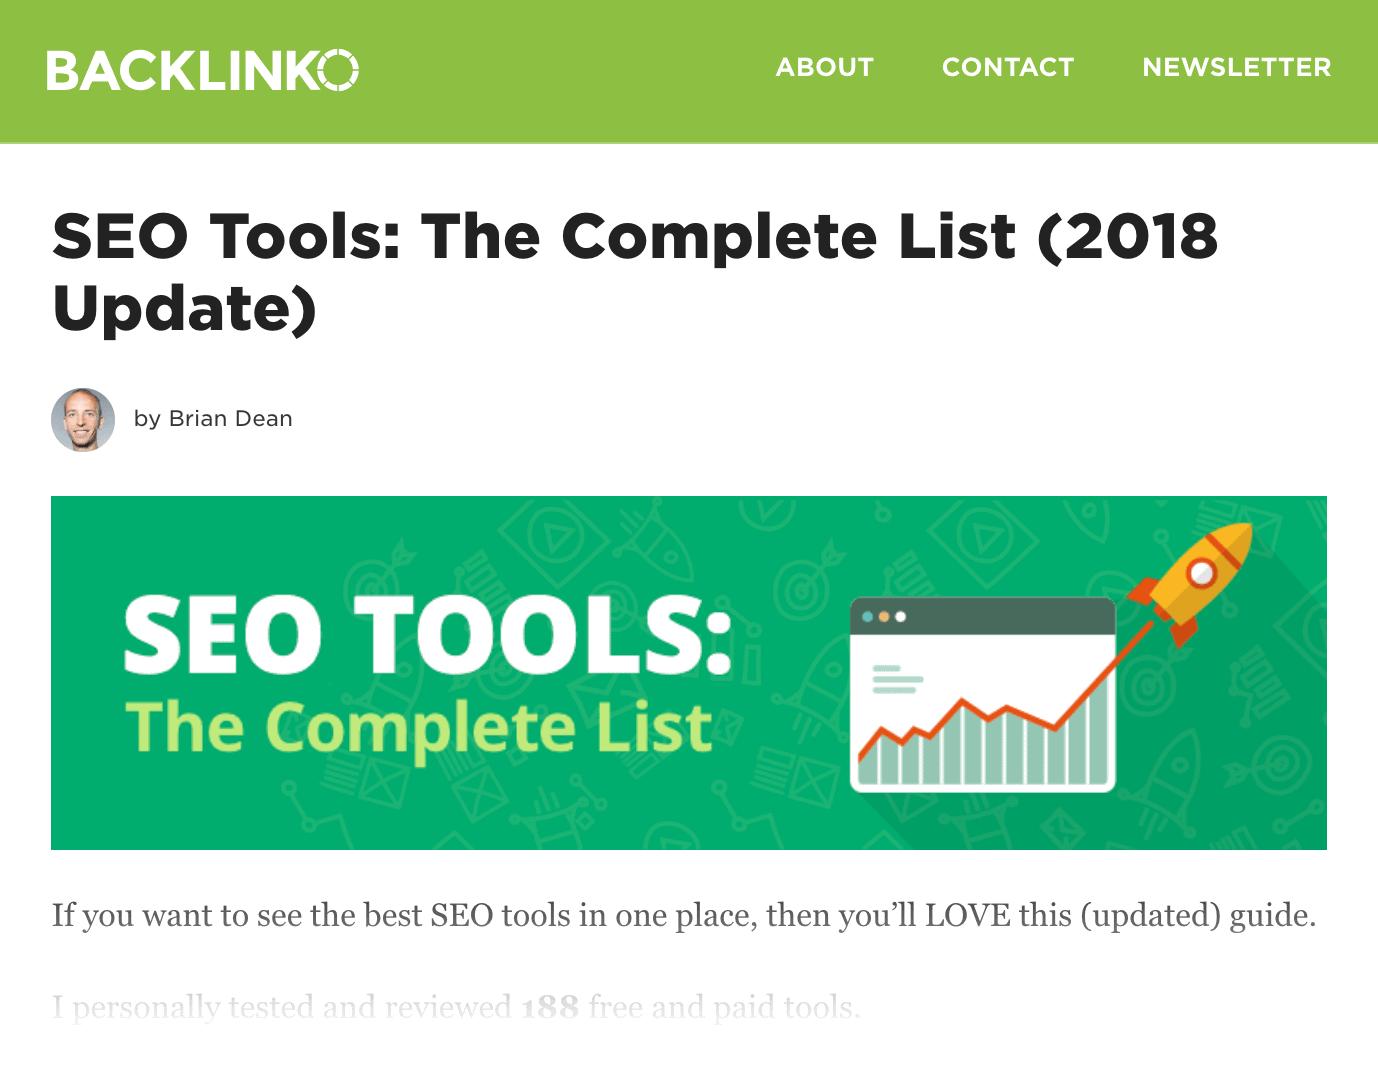 SEO Tools post